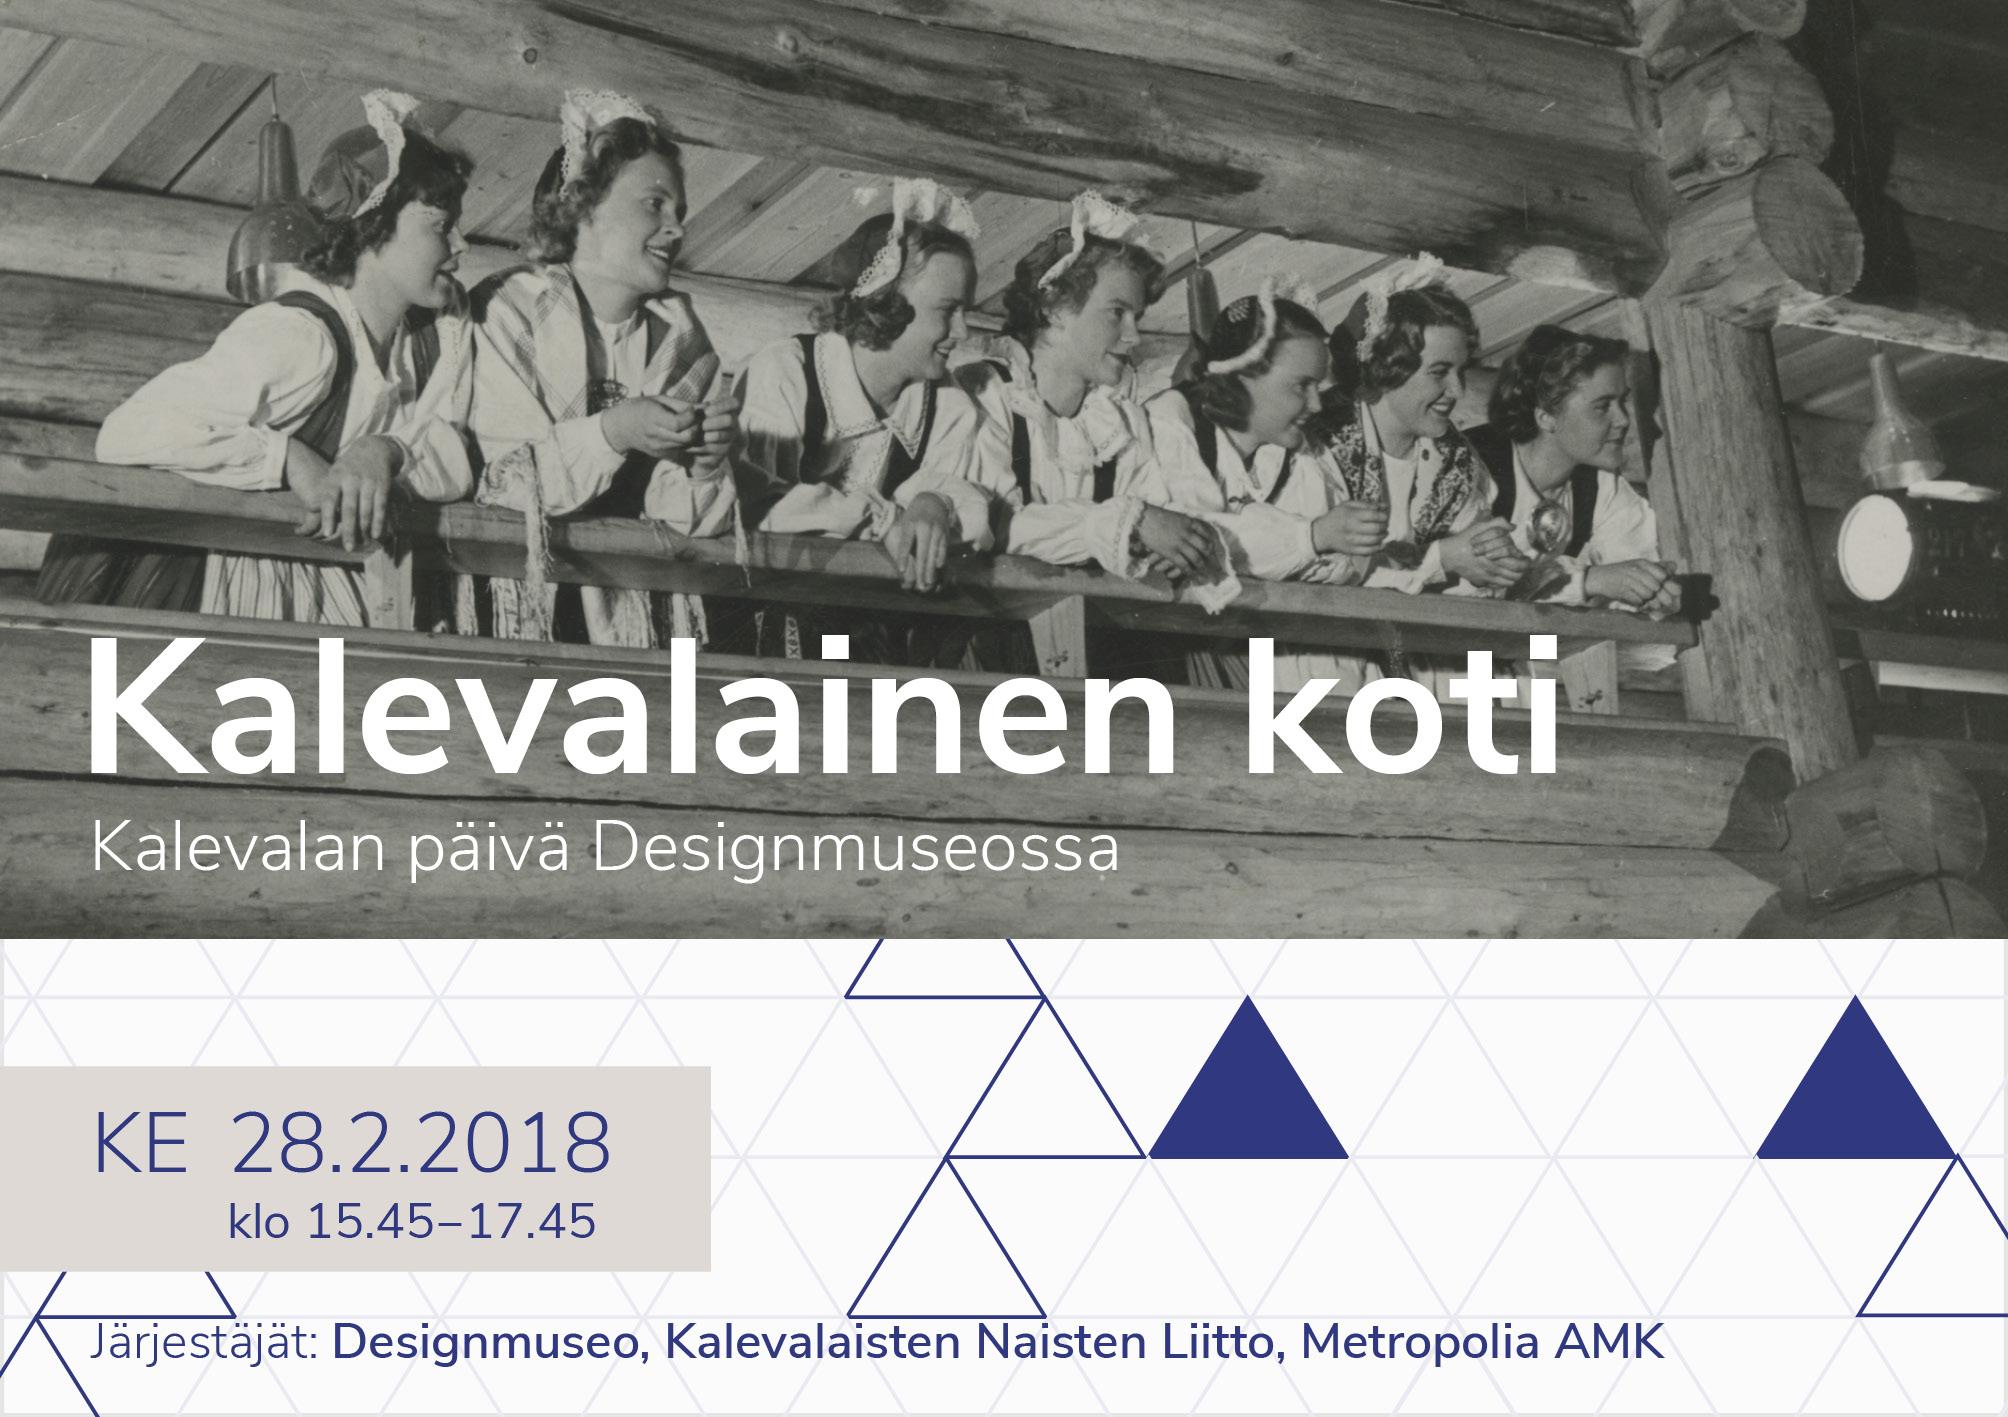 Kalevalan päivä Designmuseossa 28.2.2018